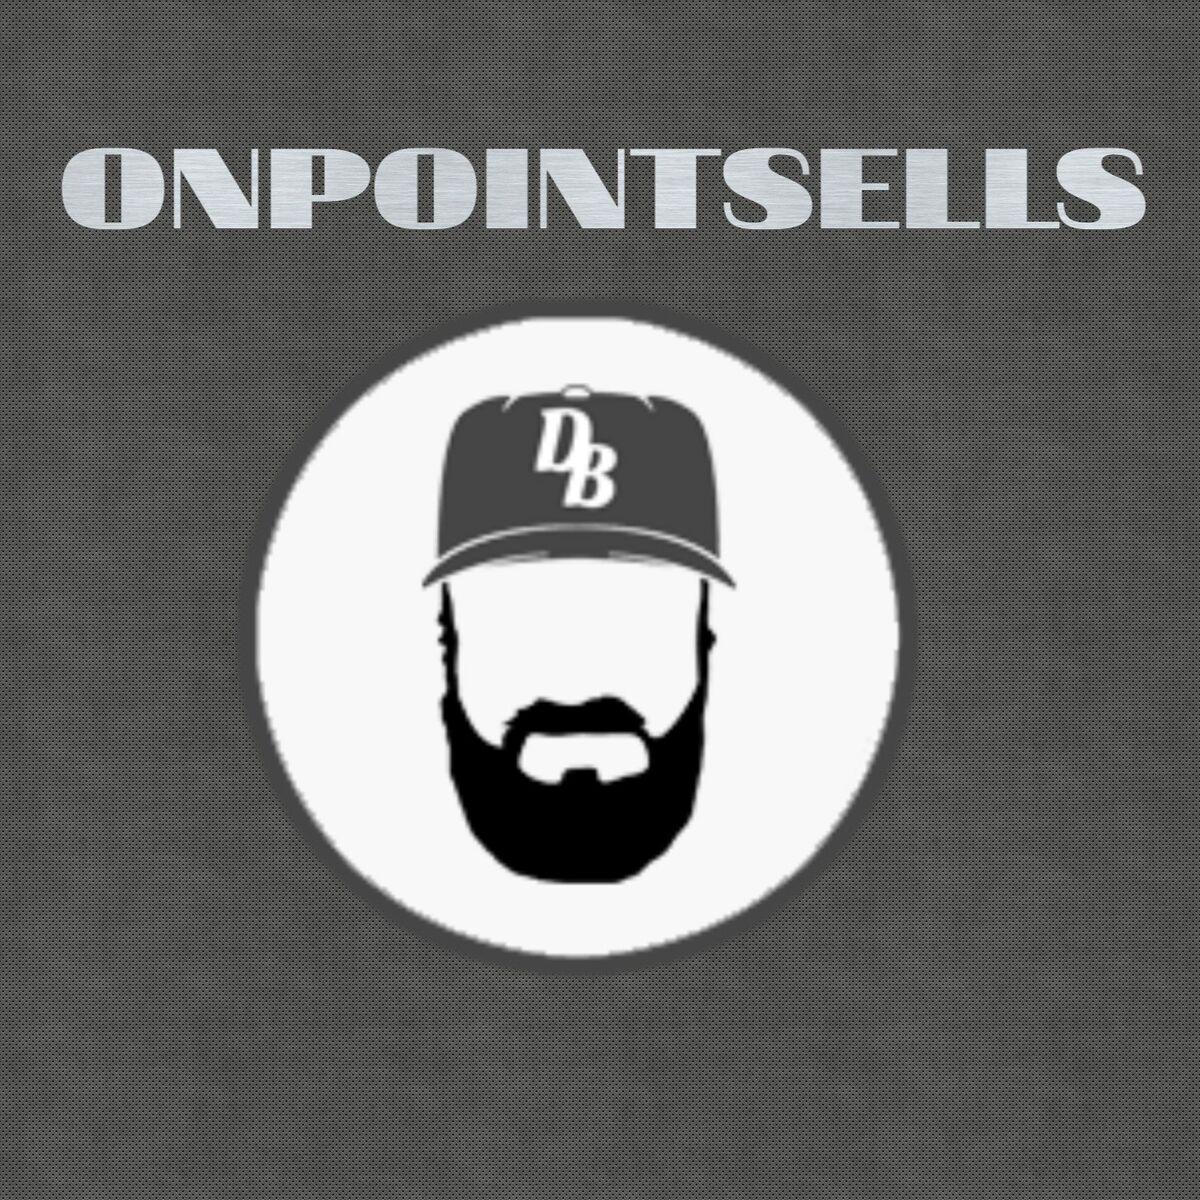 onpointsells